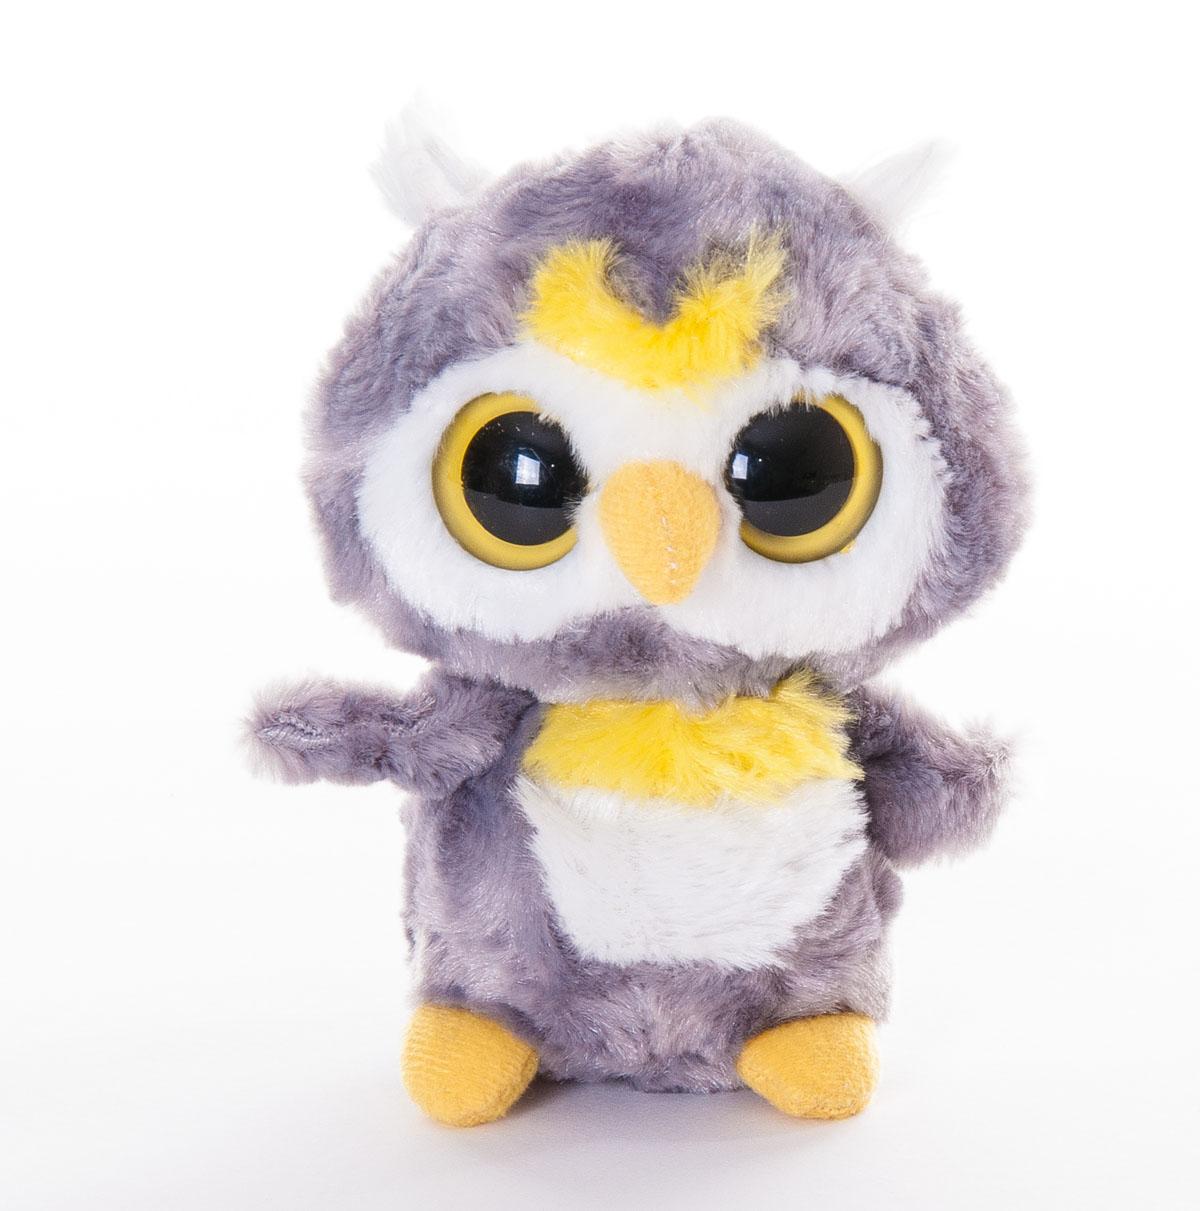 Aurora Мягкая игрушка Сова 12 см12-107Мягкая игрушка - очаровательная сова по имени Луни, одна из персонажей доброго и трогательного мультфильма Юху и его друзья. Мультфильм повествует об отважных зверьках, которые отправляются в опасное приключение, чтобы спасти свою страну - Ютопию. У совы мягкая и приятная на ощупь шерстка, симпатичная мордочка и красивые, выразительные глаза. Игрушку удобно брать с собой на прогулку или в детский сад. Мягкая игрушка Aurora Сова изготовлена из качественных и безопасных материалов. Специальные гранулы, используемые при ее набивке, способствуют развитию мелкой моторики рук малыша.